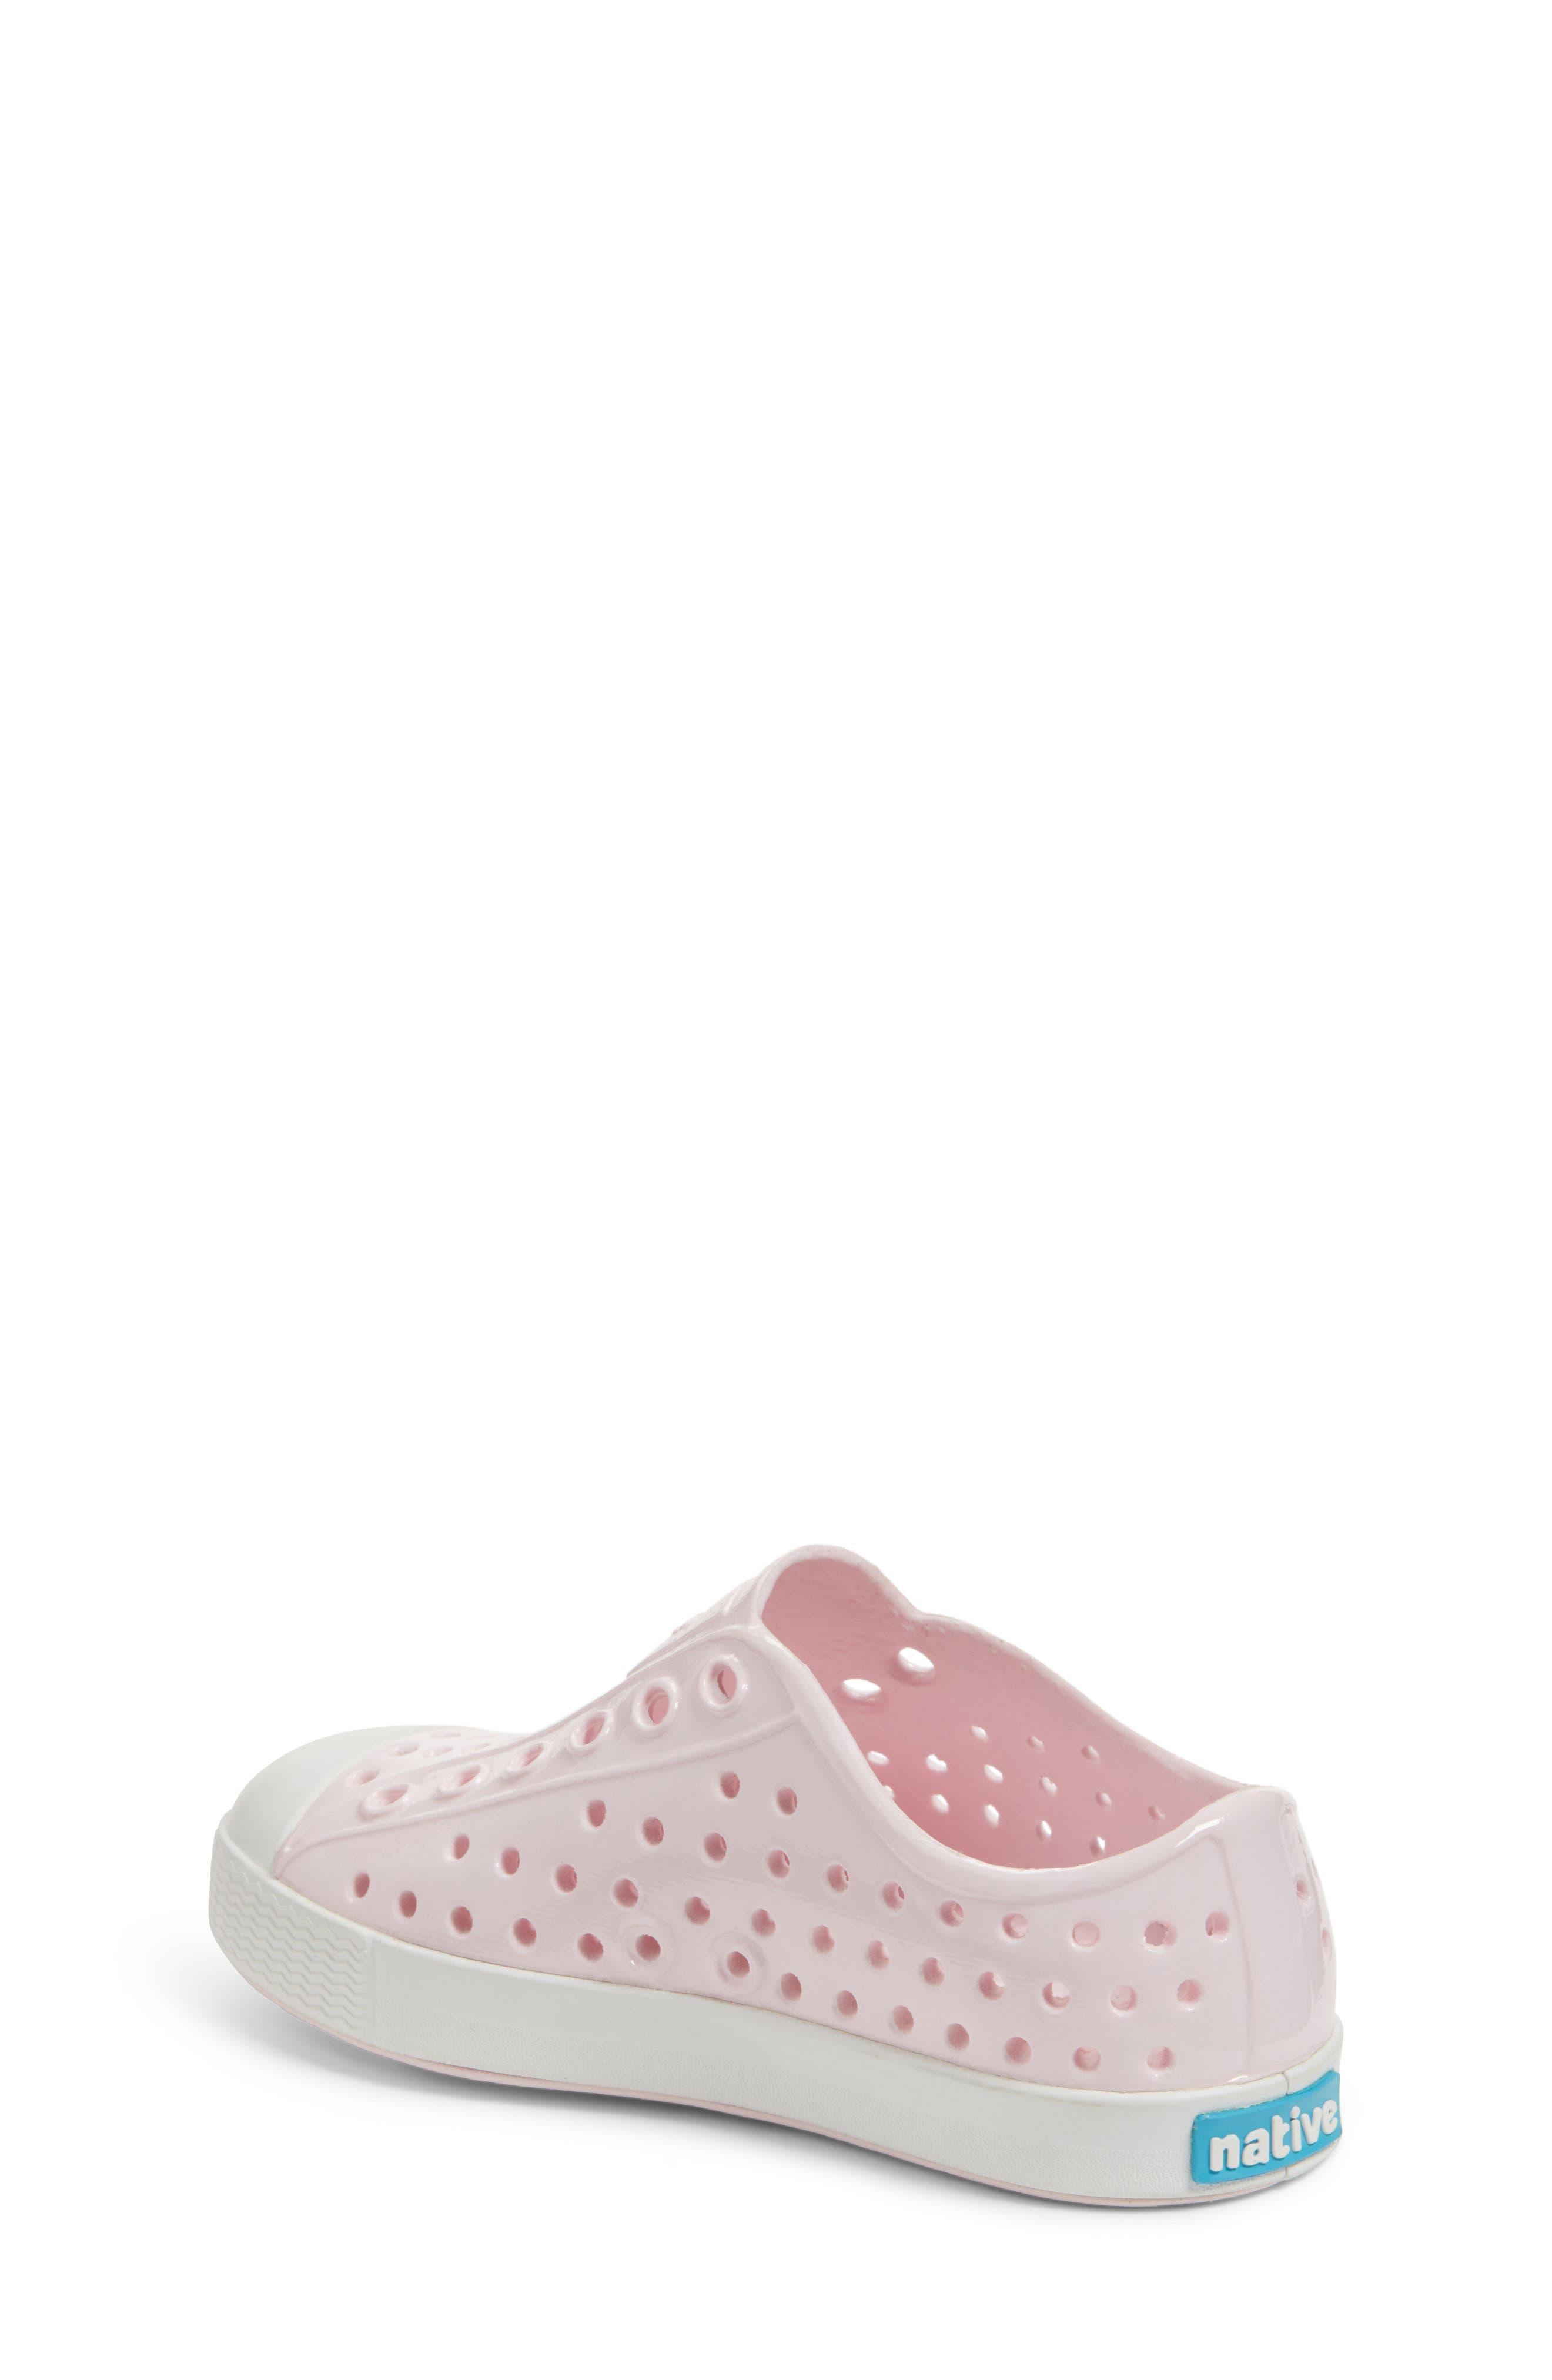 Jefferson Glossy Slip-On Sneaker,                             Alternate thumbnail 2, color,                             MILK PINK/ SHELL WHITE